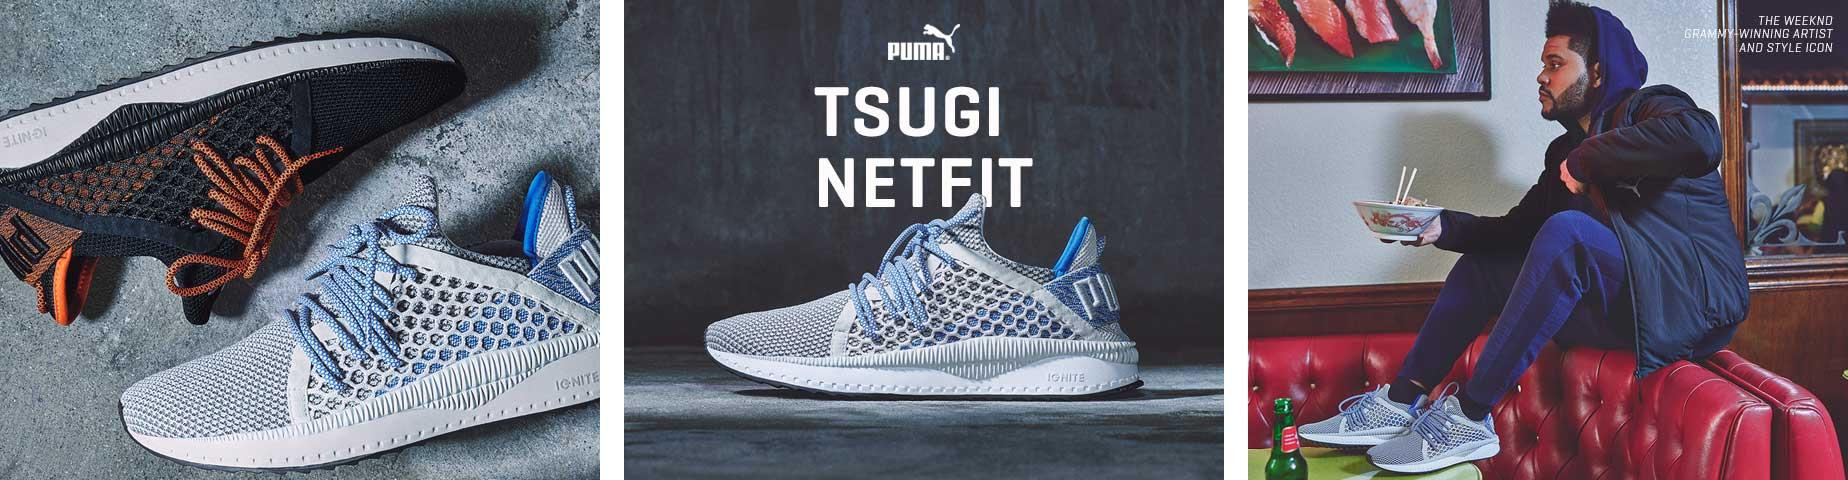 PUMA lancia le nuove Tsugi Netfit con un contest tutto